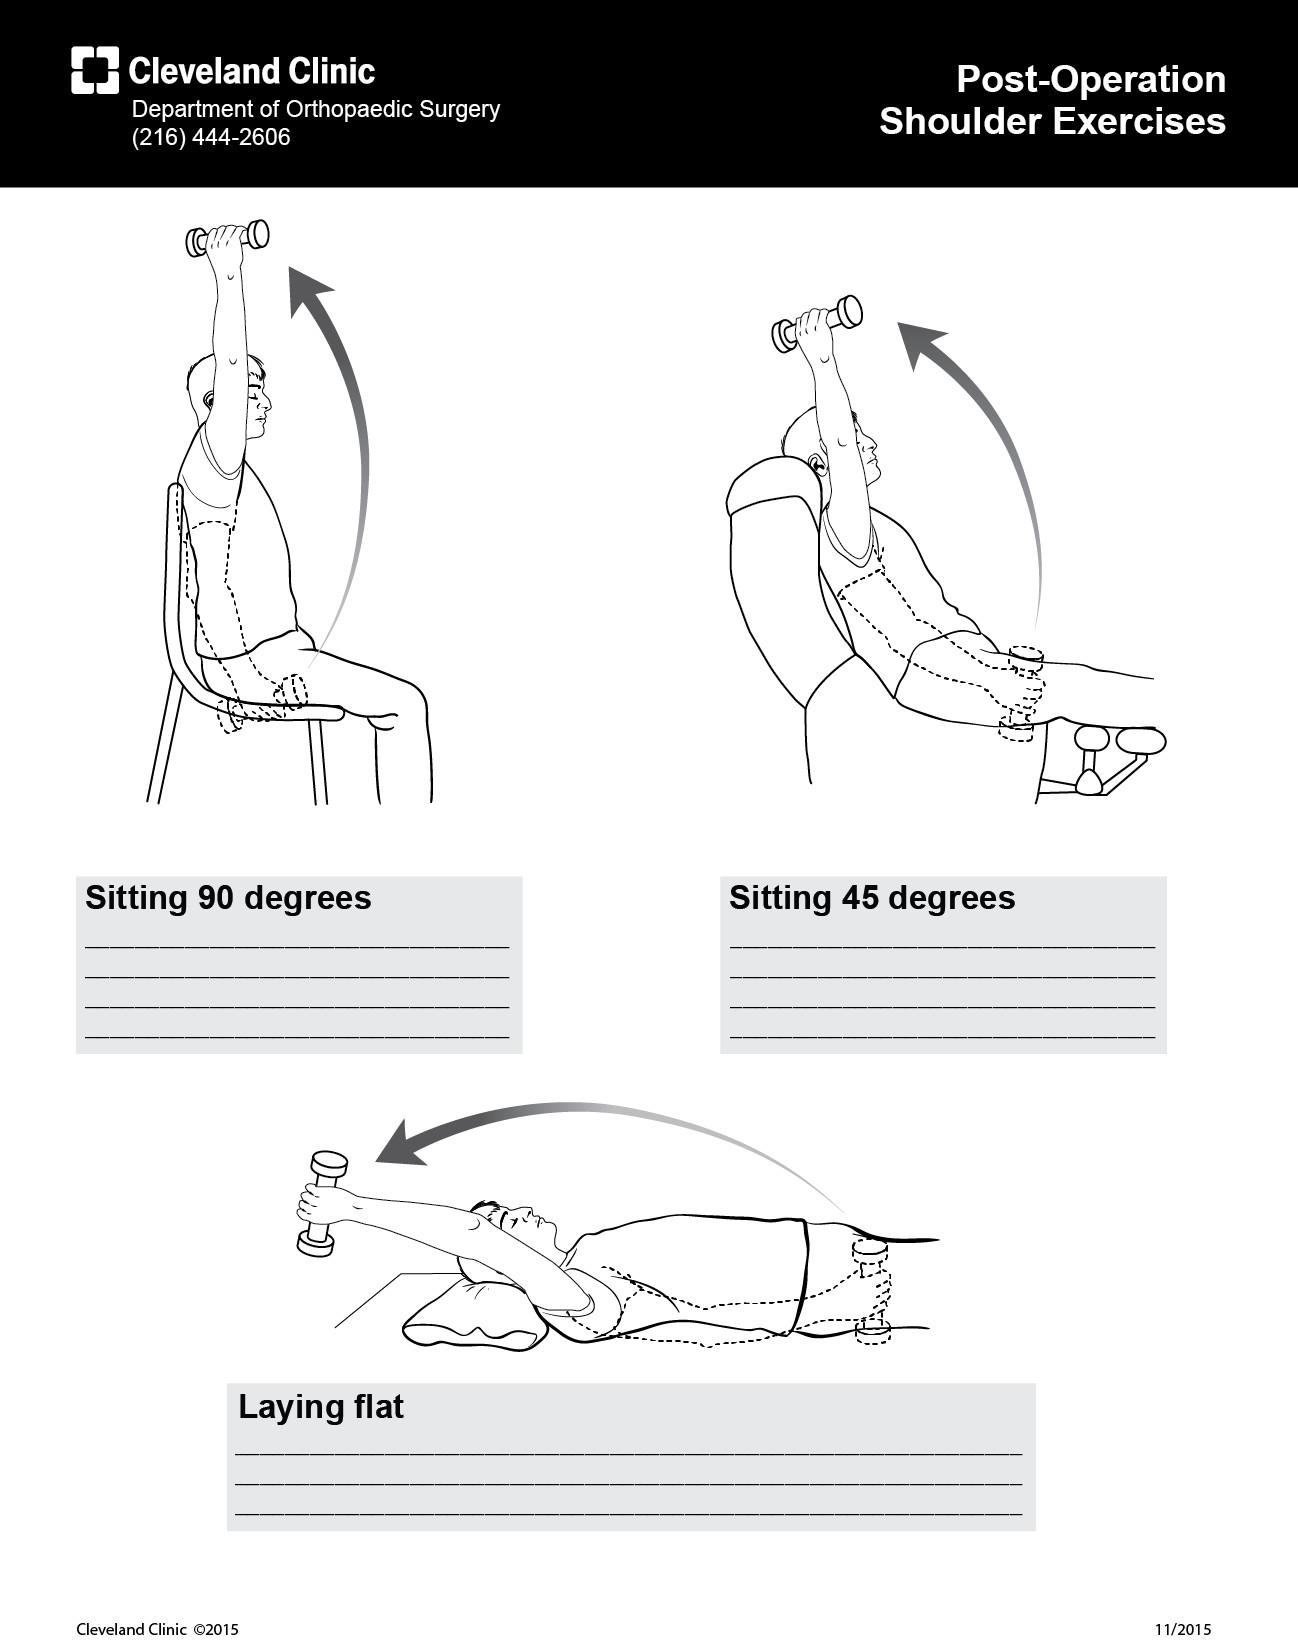 Lauren Ulrey - Post-Operation Shoulder Exercises